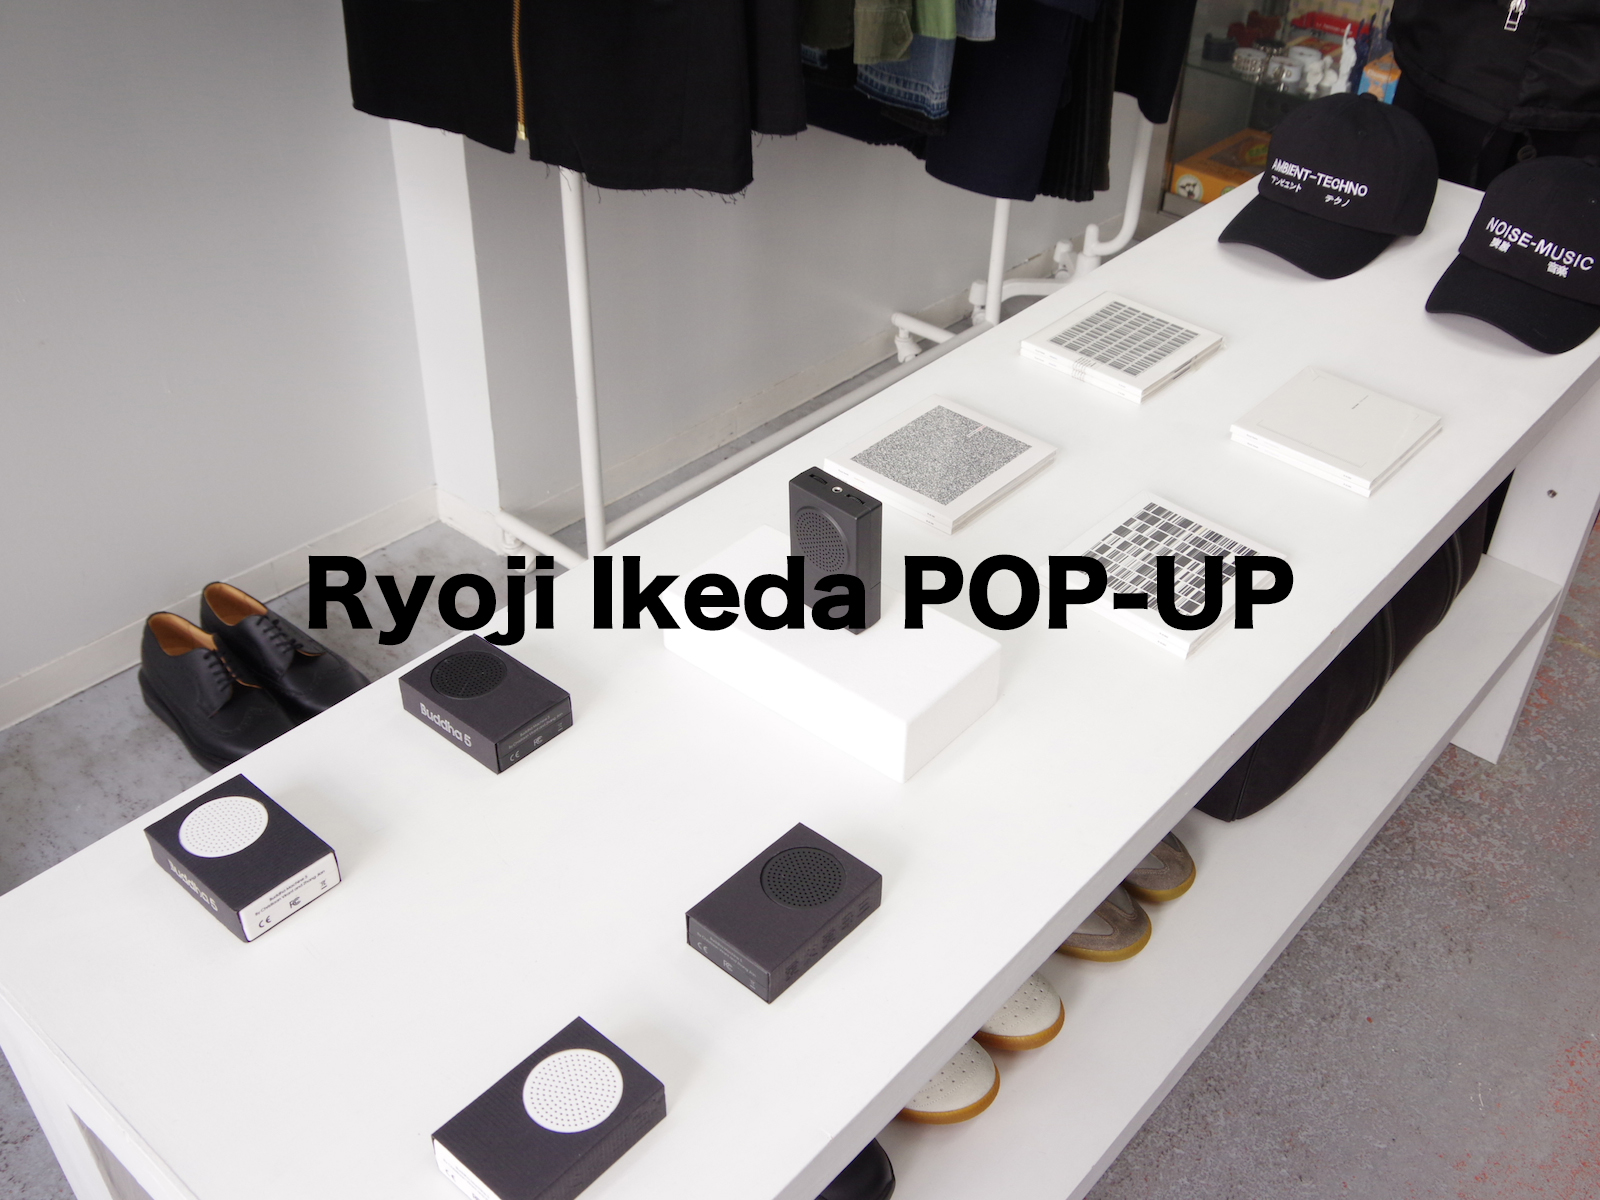 Ryoji Ikeda POP-UP